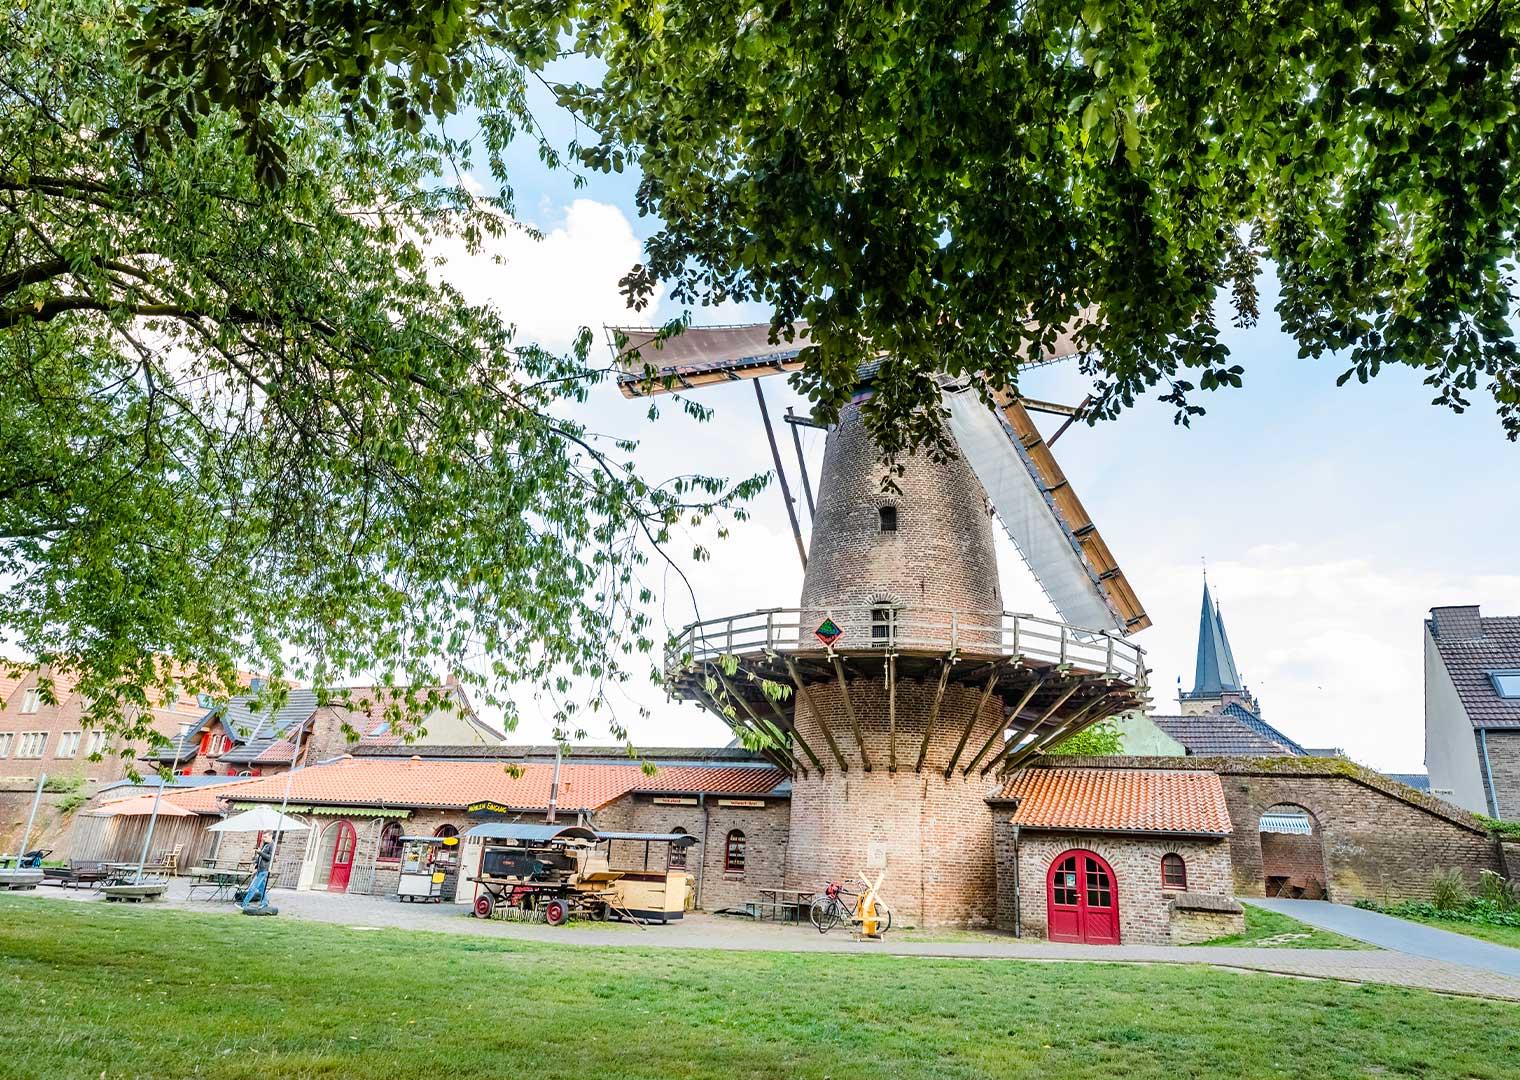 Link zur Bilddatei: dieter_berg_galabau_webseite_referenzen_kurpark_xanten_galeriebild12